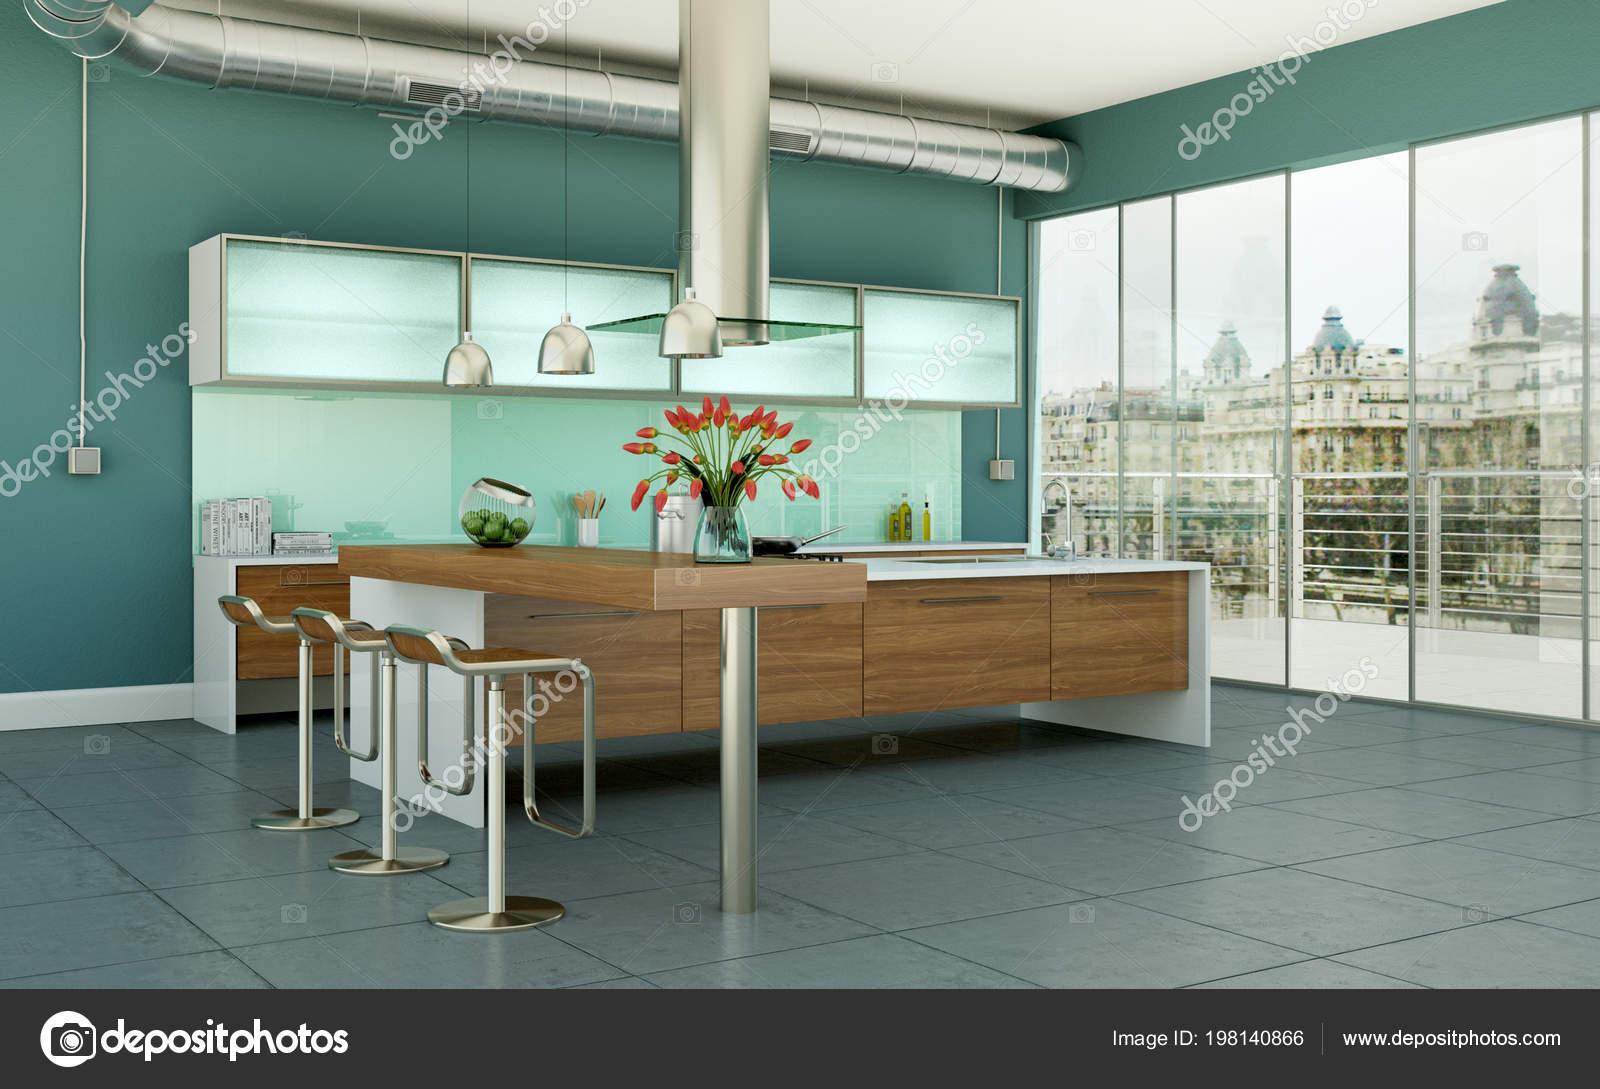 Moderne Kuche In Einem Loft Mit Grauen Mauern Stockfoto C Virtua73